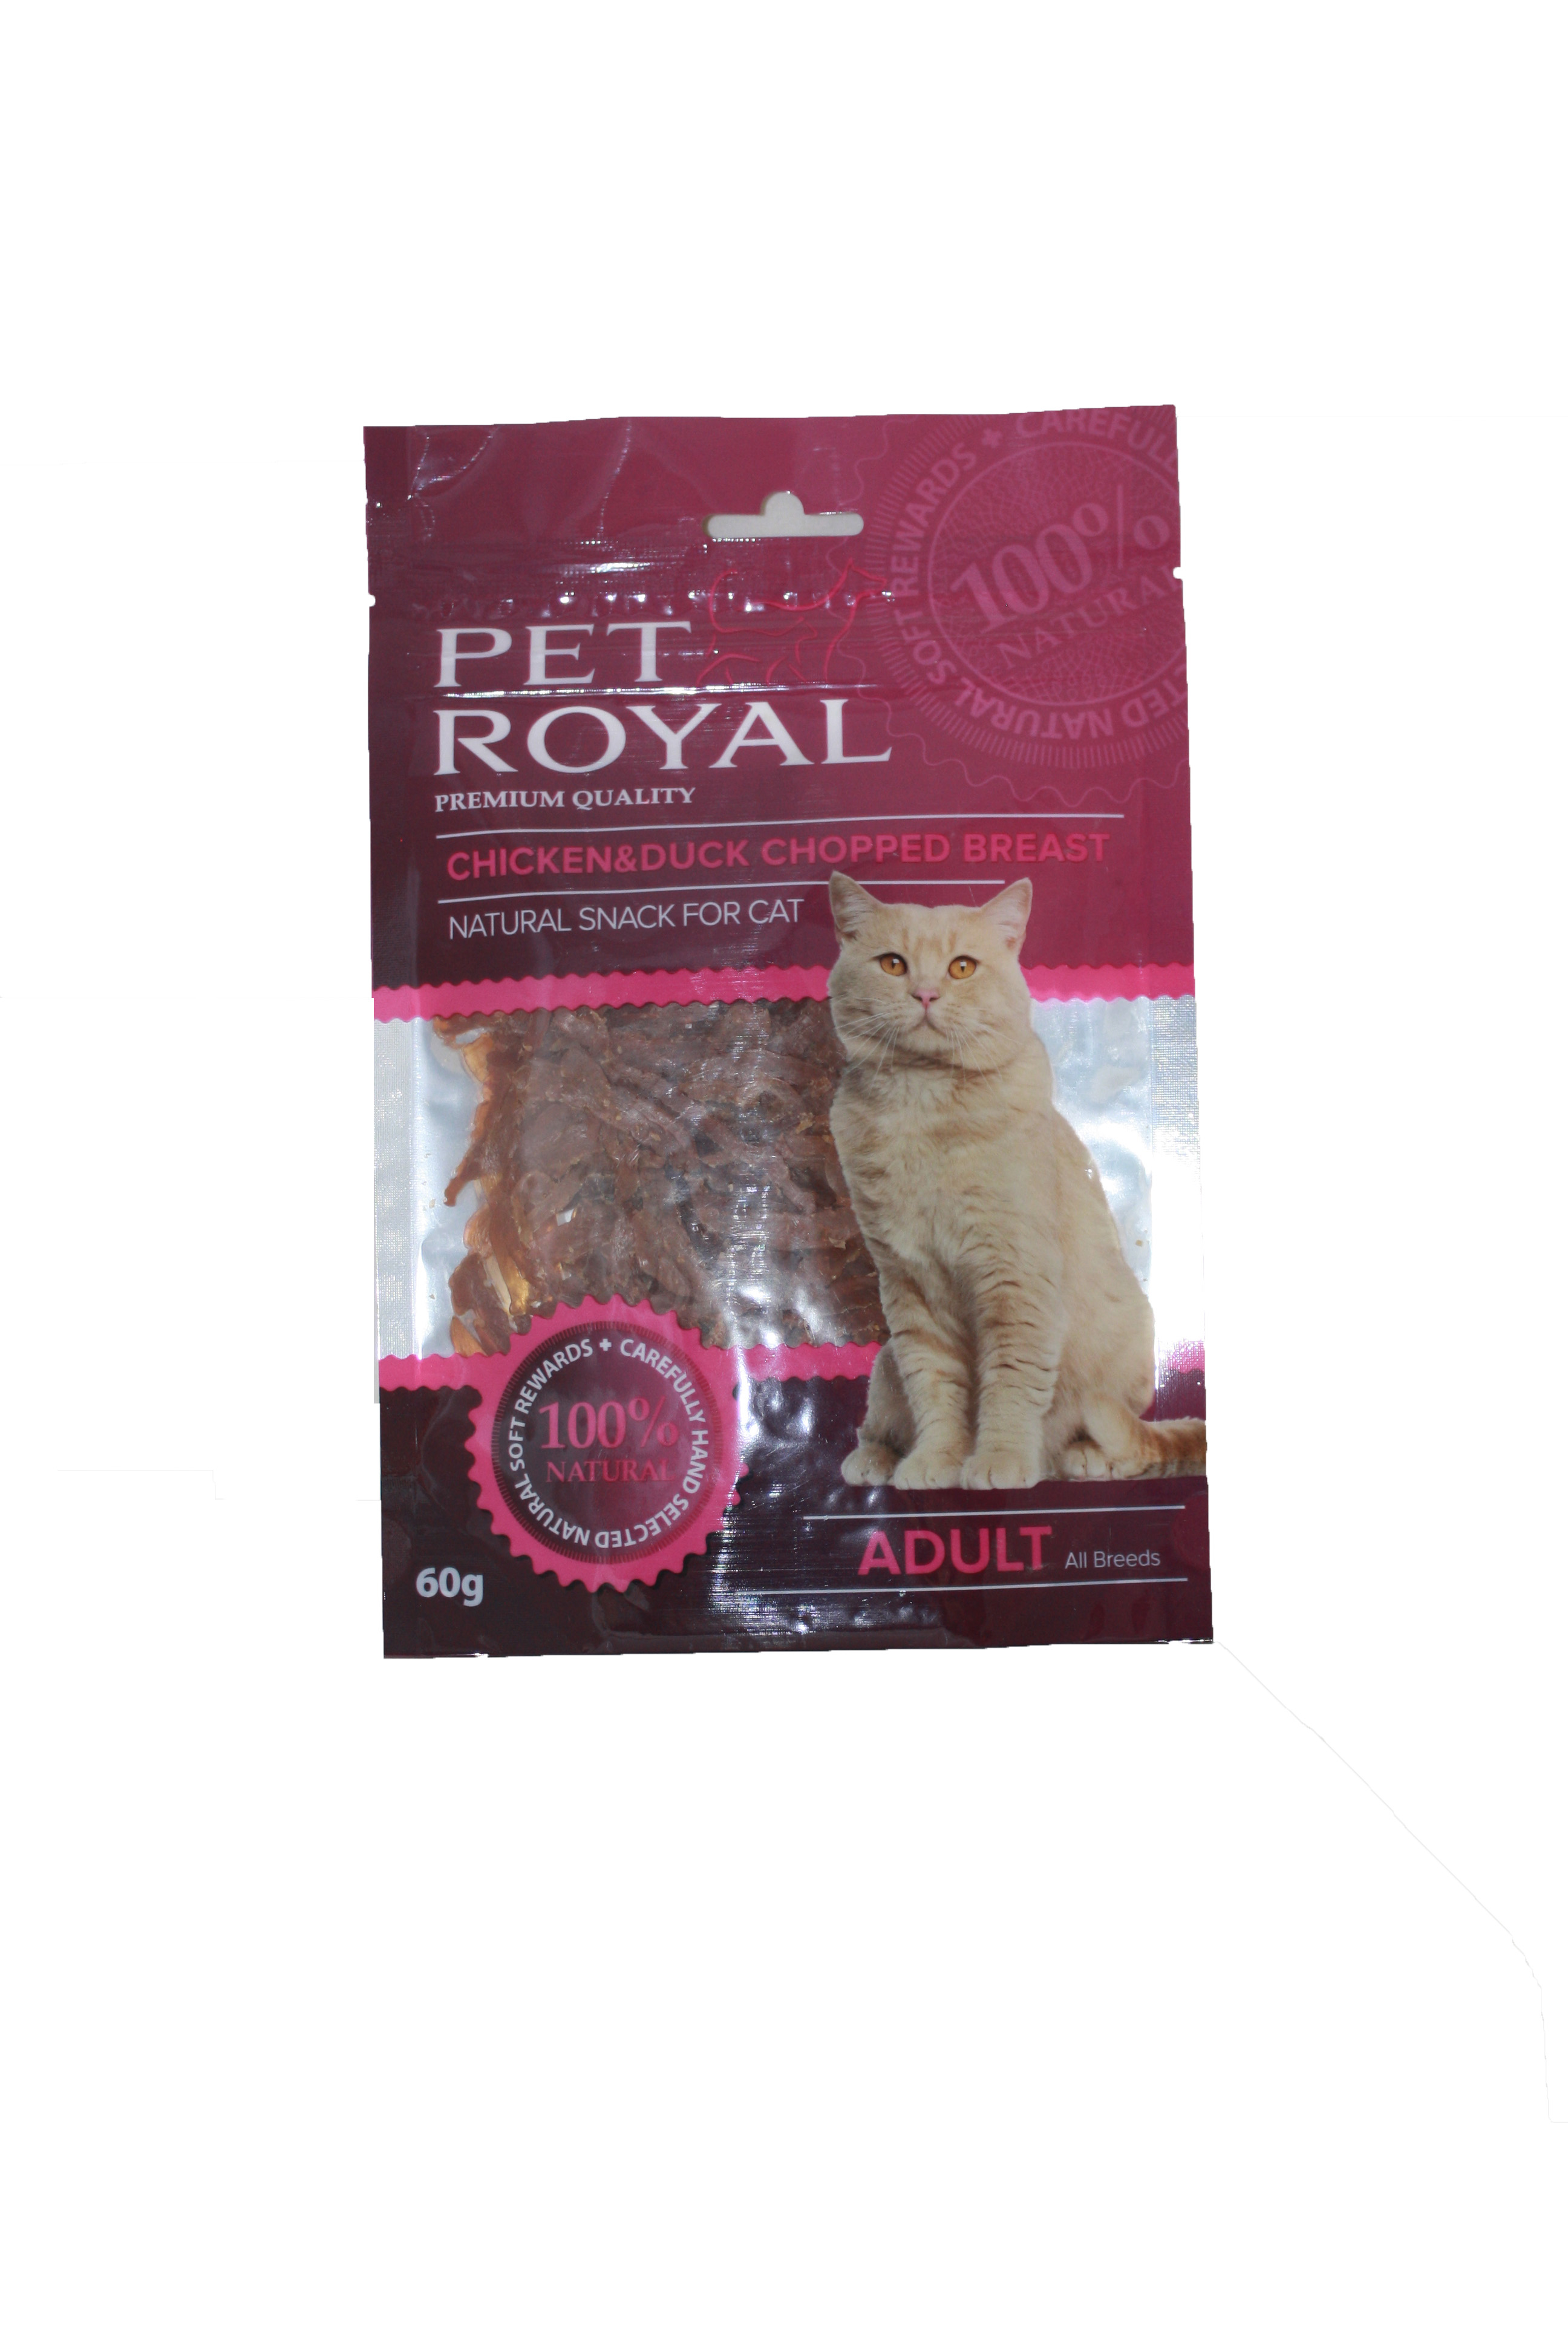 Fotografie Pet Royal Cat kuřecí a kachní prsa krájená 60g PET ROYAL